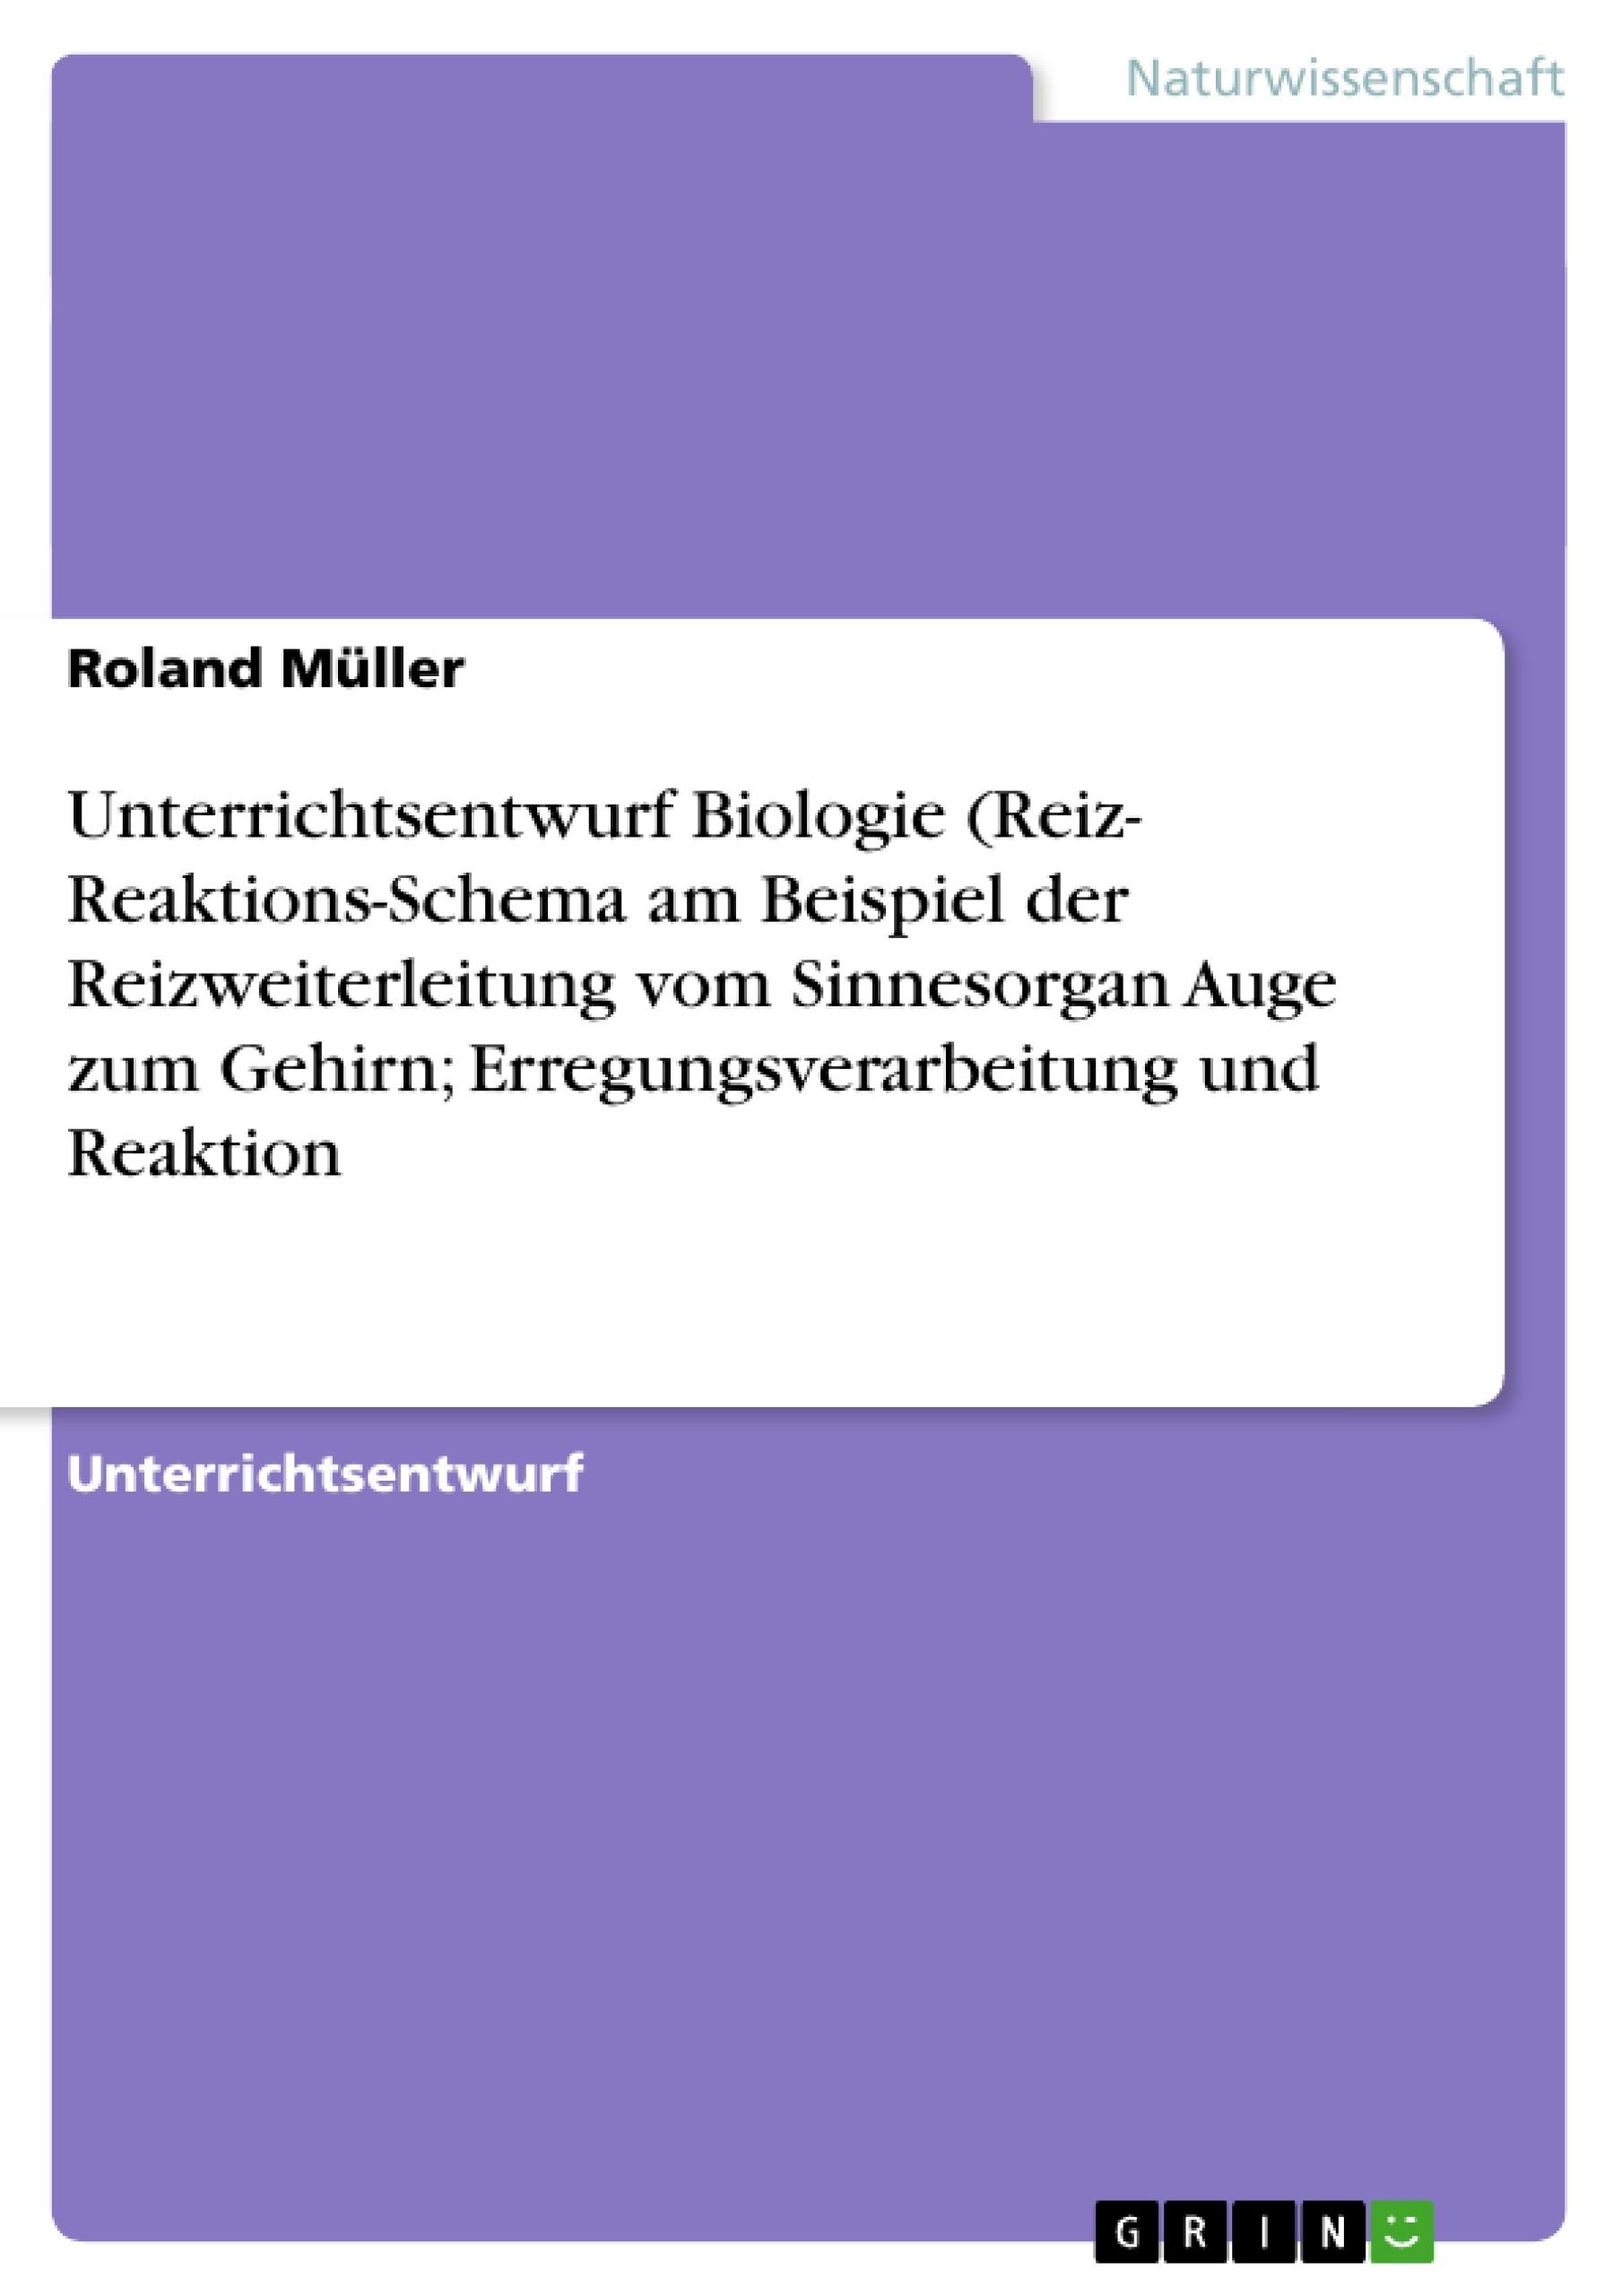 Titel: Unterrichtsentwurf Biologie (Reiz- Reaktions-Schema am Beispiel der Reizweiterleitung vom Sinnesorgan Auge zum Gehirn; Erregungsverarbeitung und Reaktion